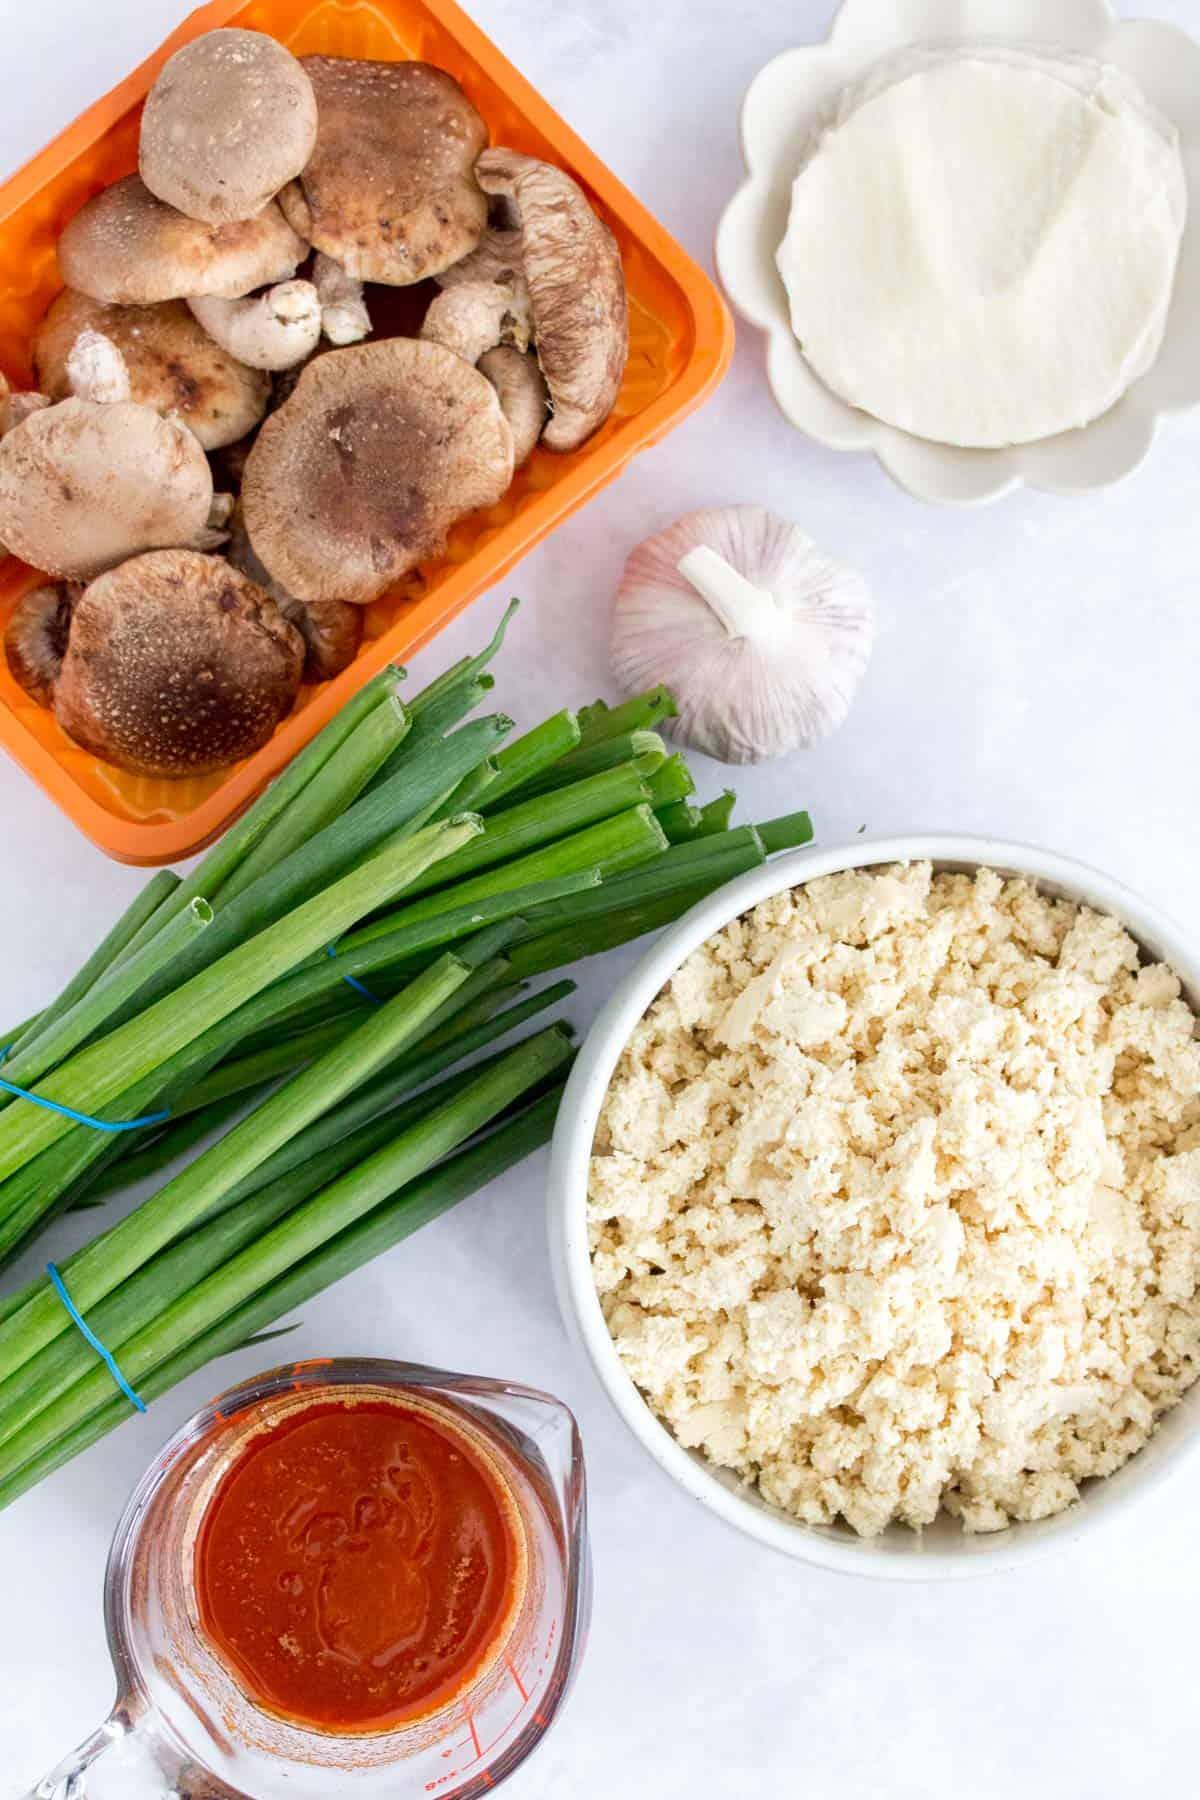 Ingredients needed to make dumplings.